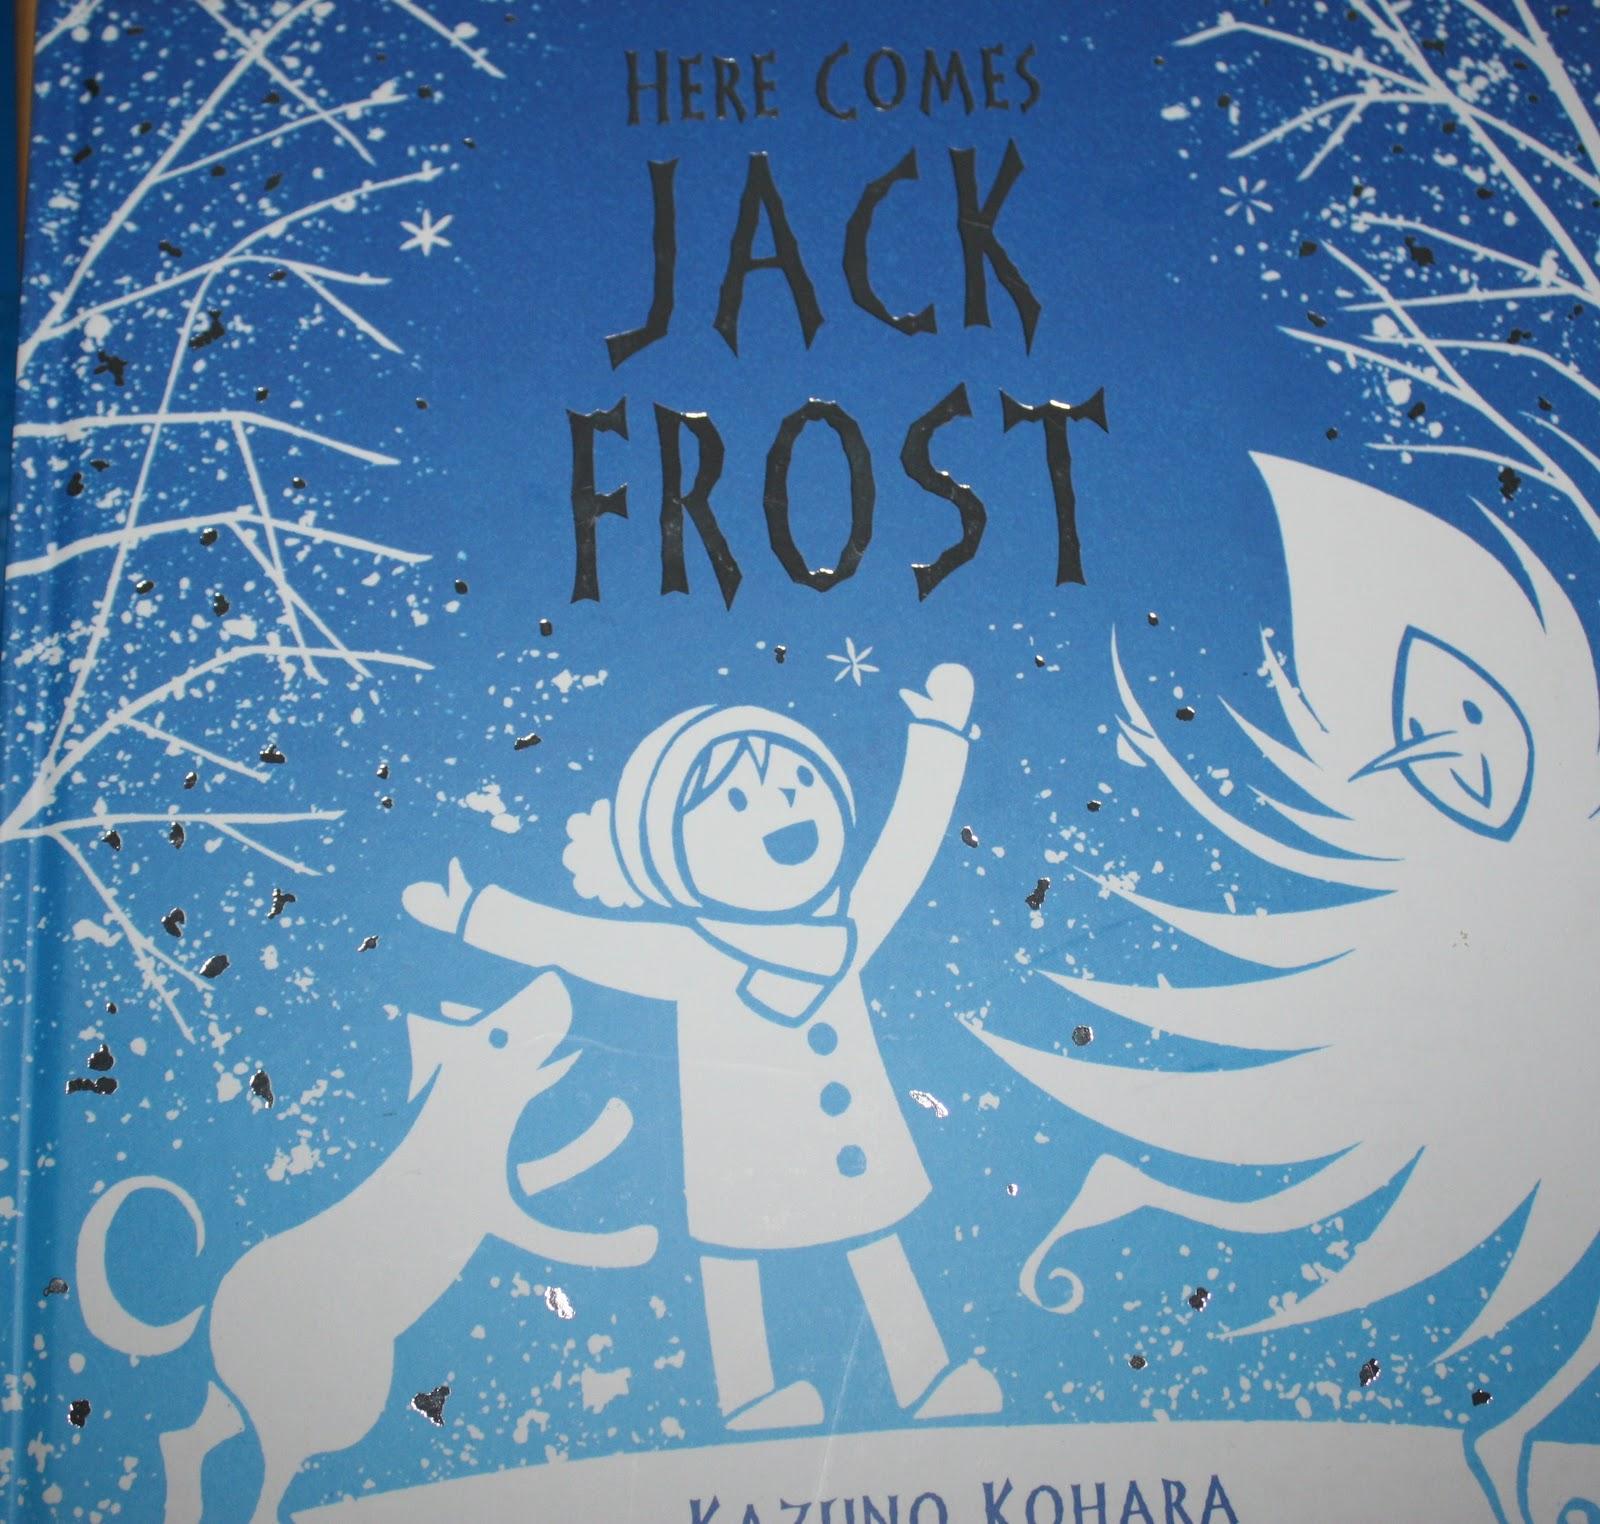 Blue school: JACK FROST